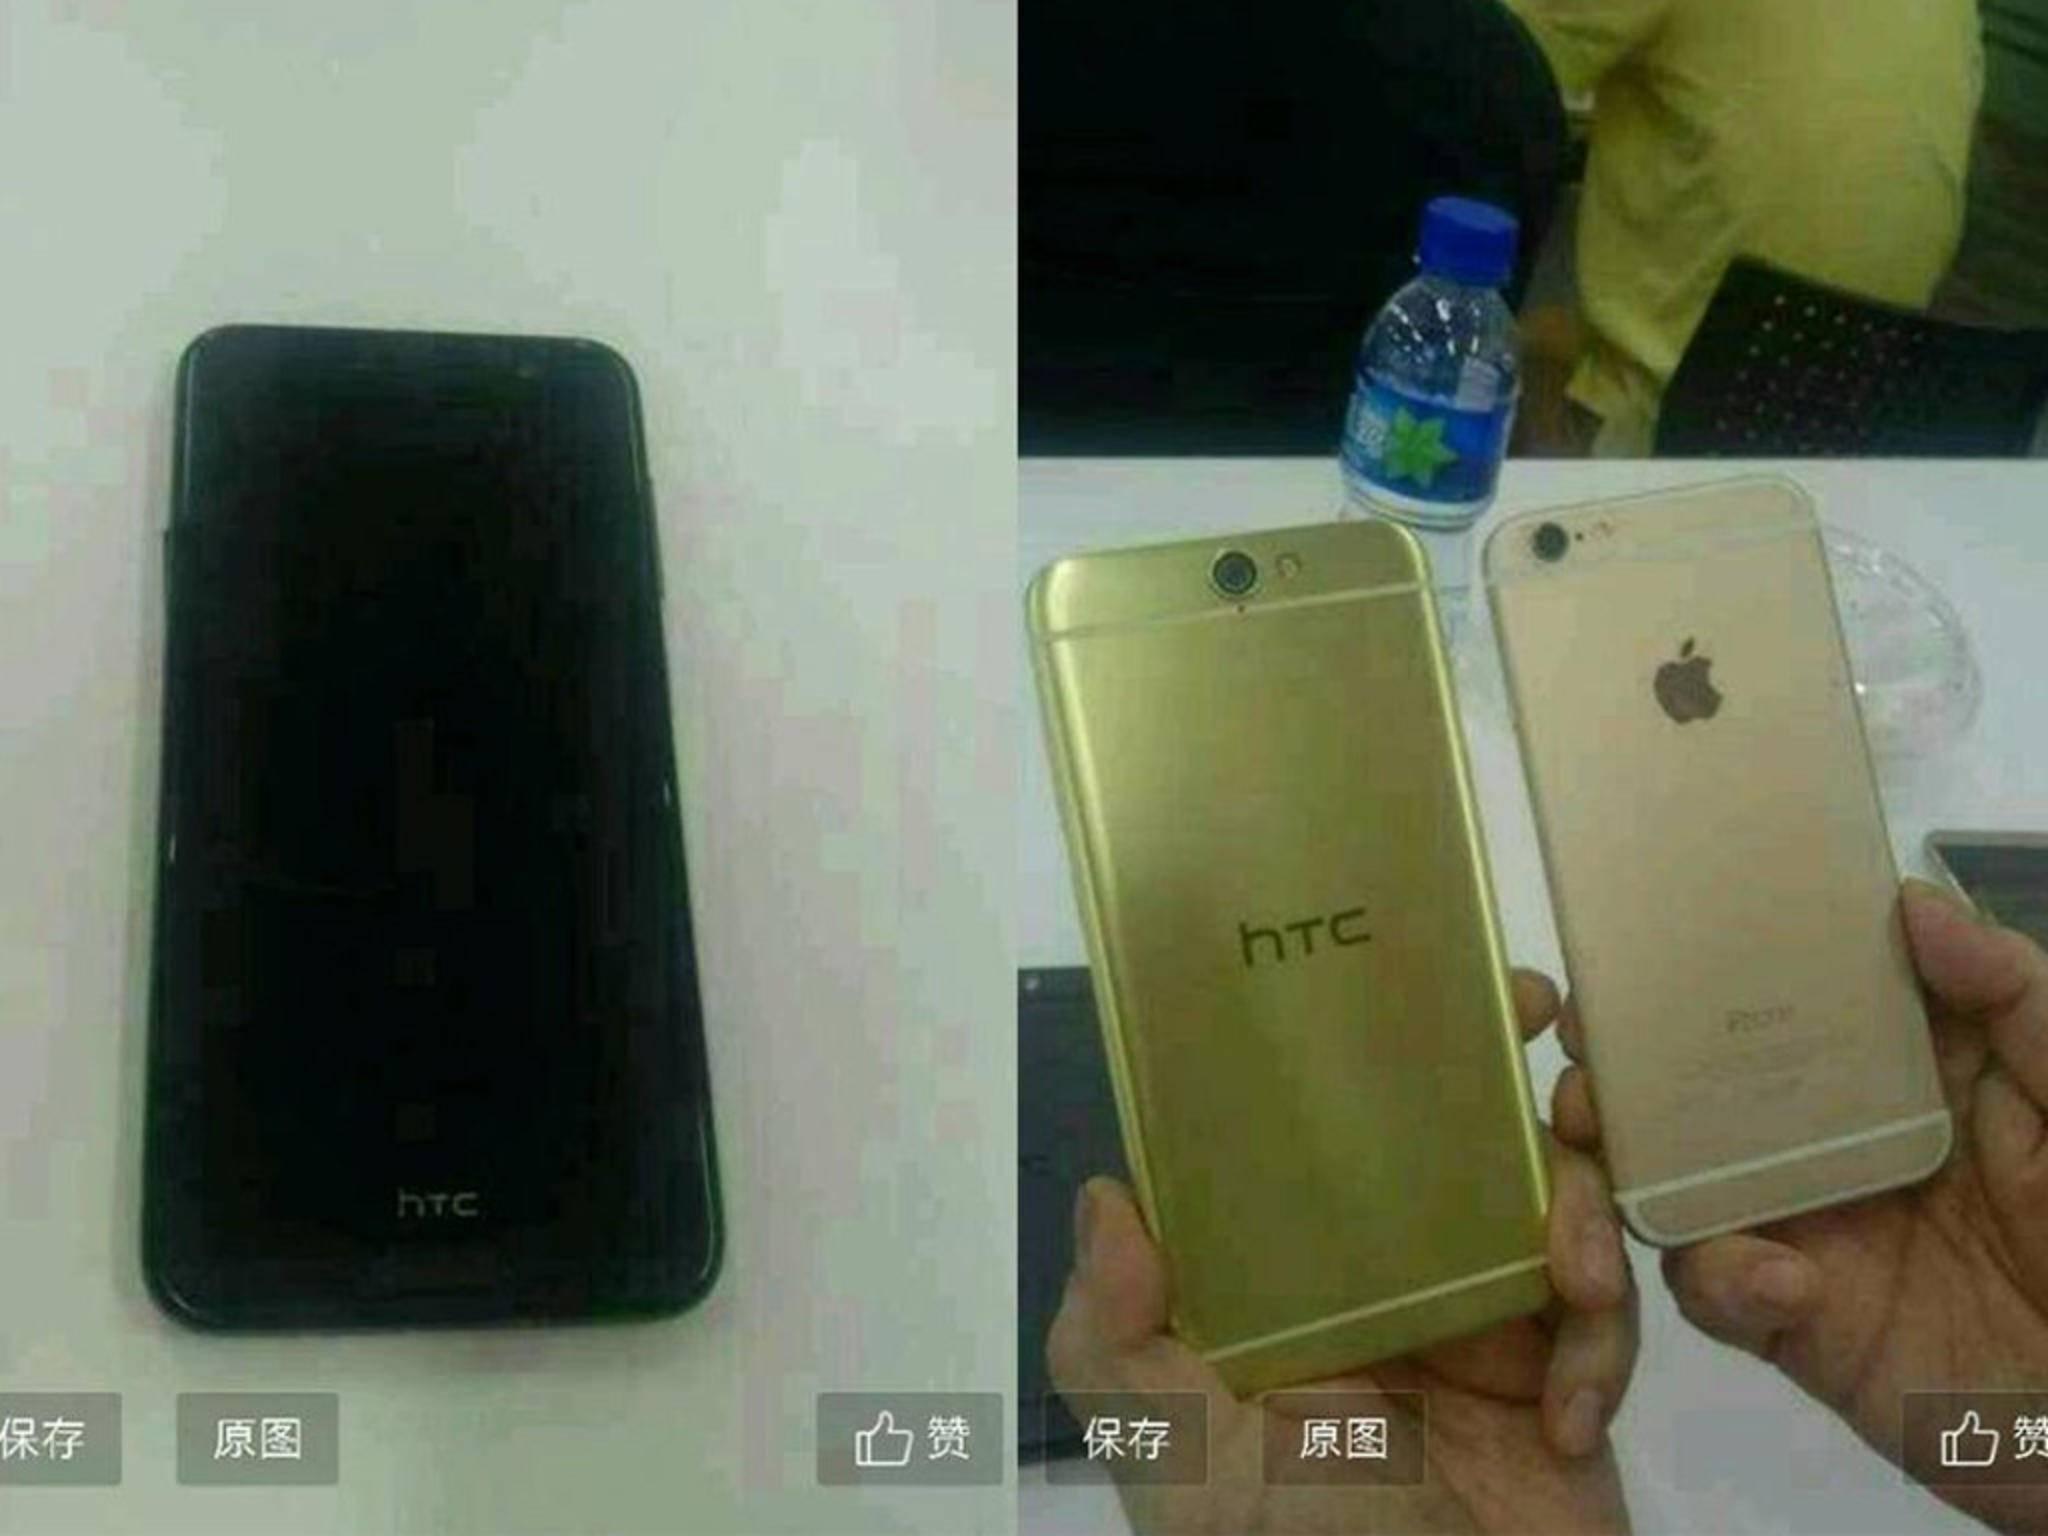 Das HTC A9 gleicht dem iPhone 6 in optischer Hinsicht frappierend.